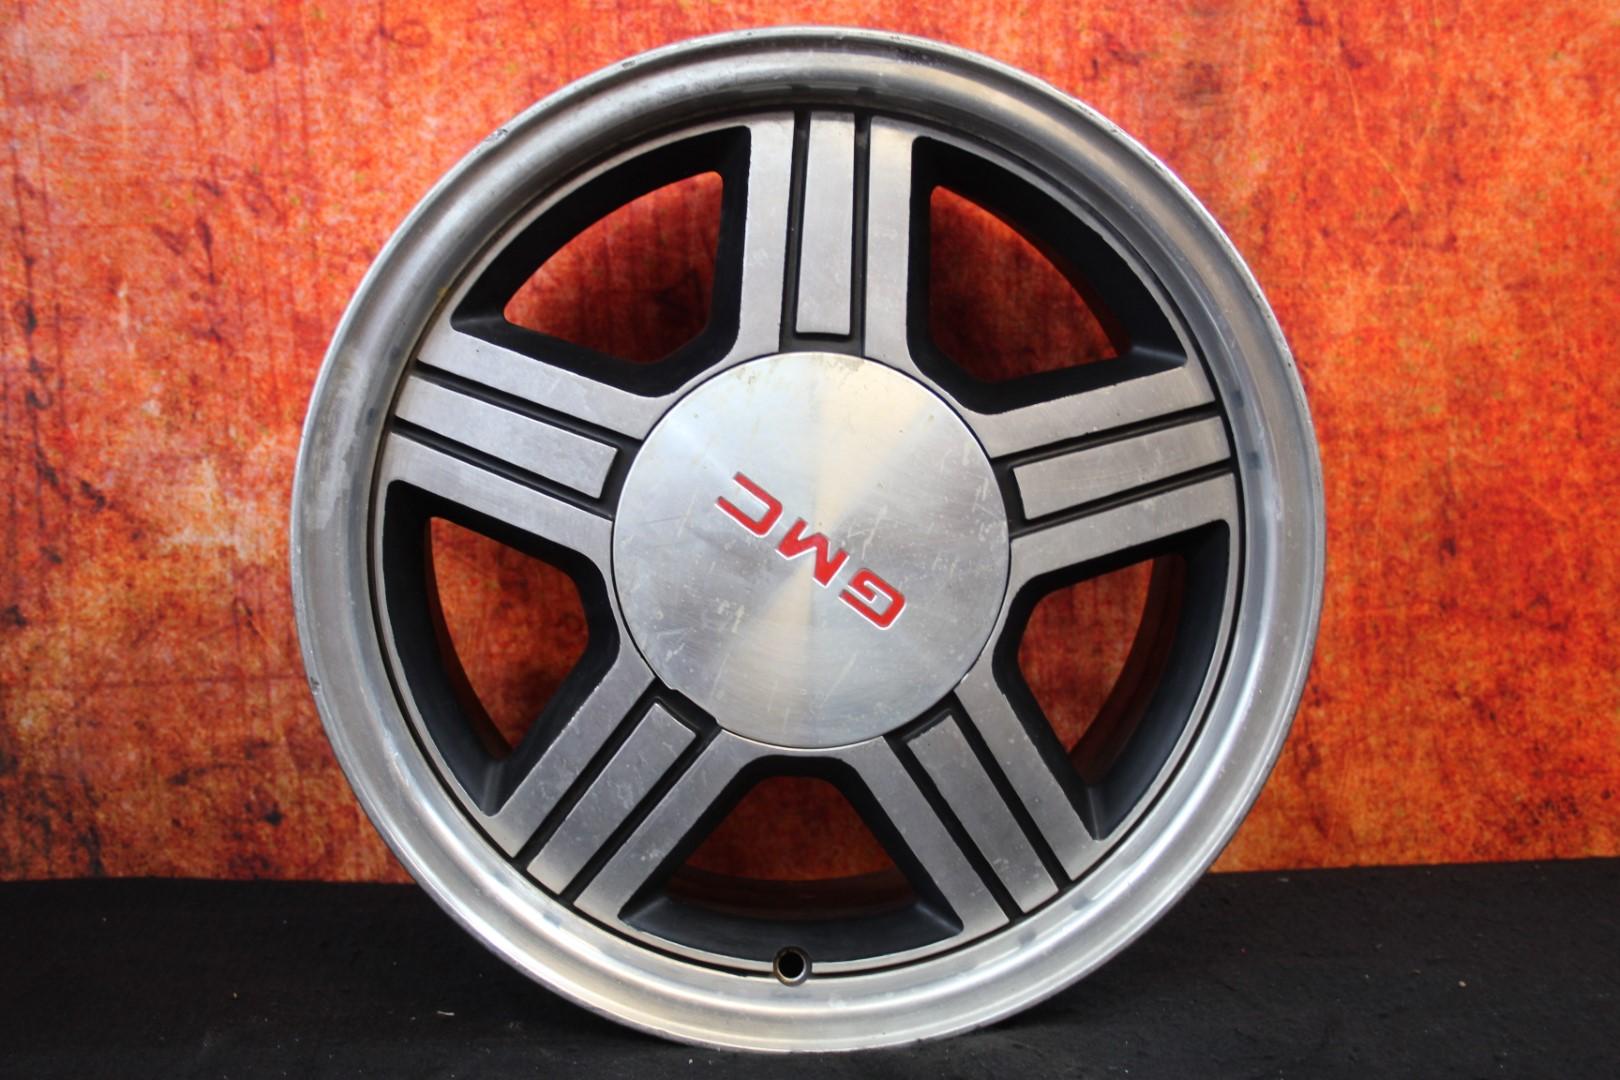 Gmc S15 Sonoma 1996 1997 1998 1999 2000 16 Oem Rim Wheel 5048 9592659 88366800 Alloemrims Com